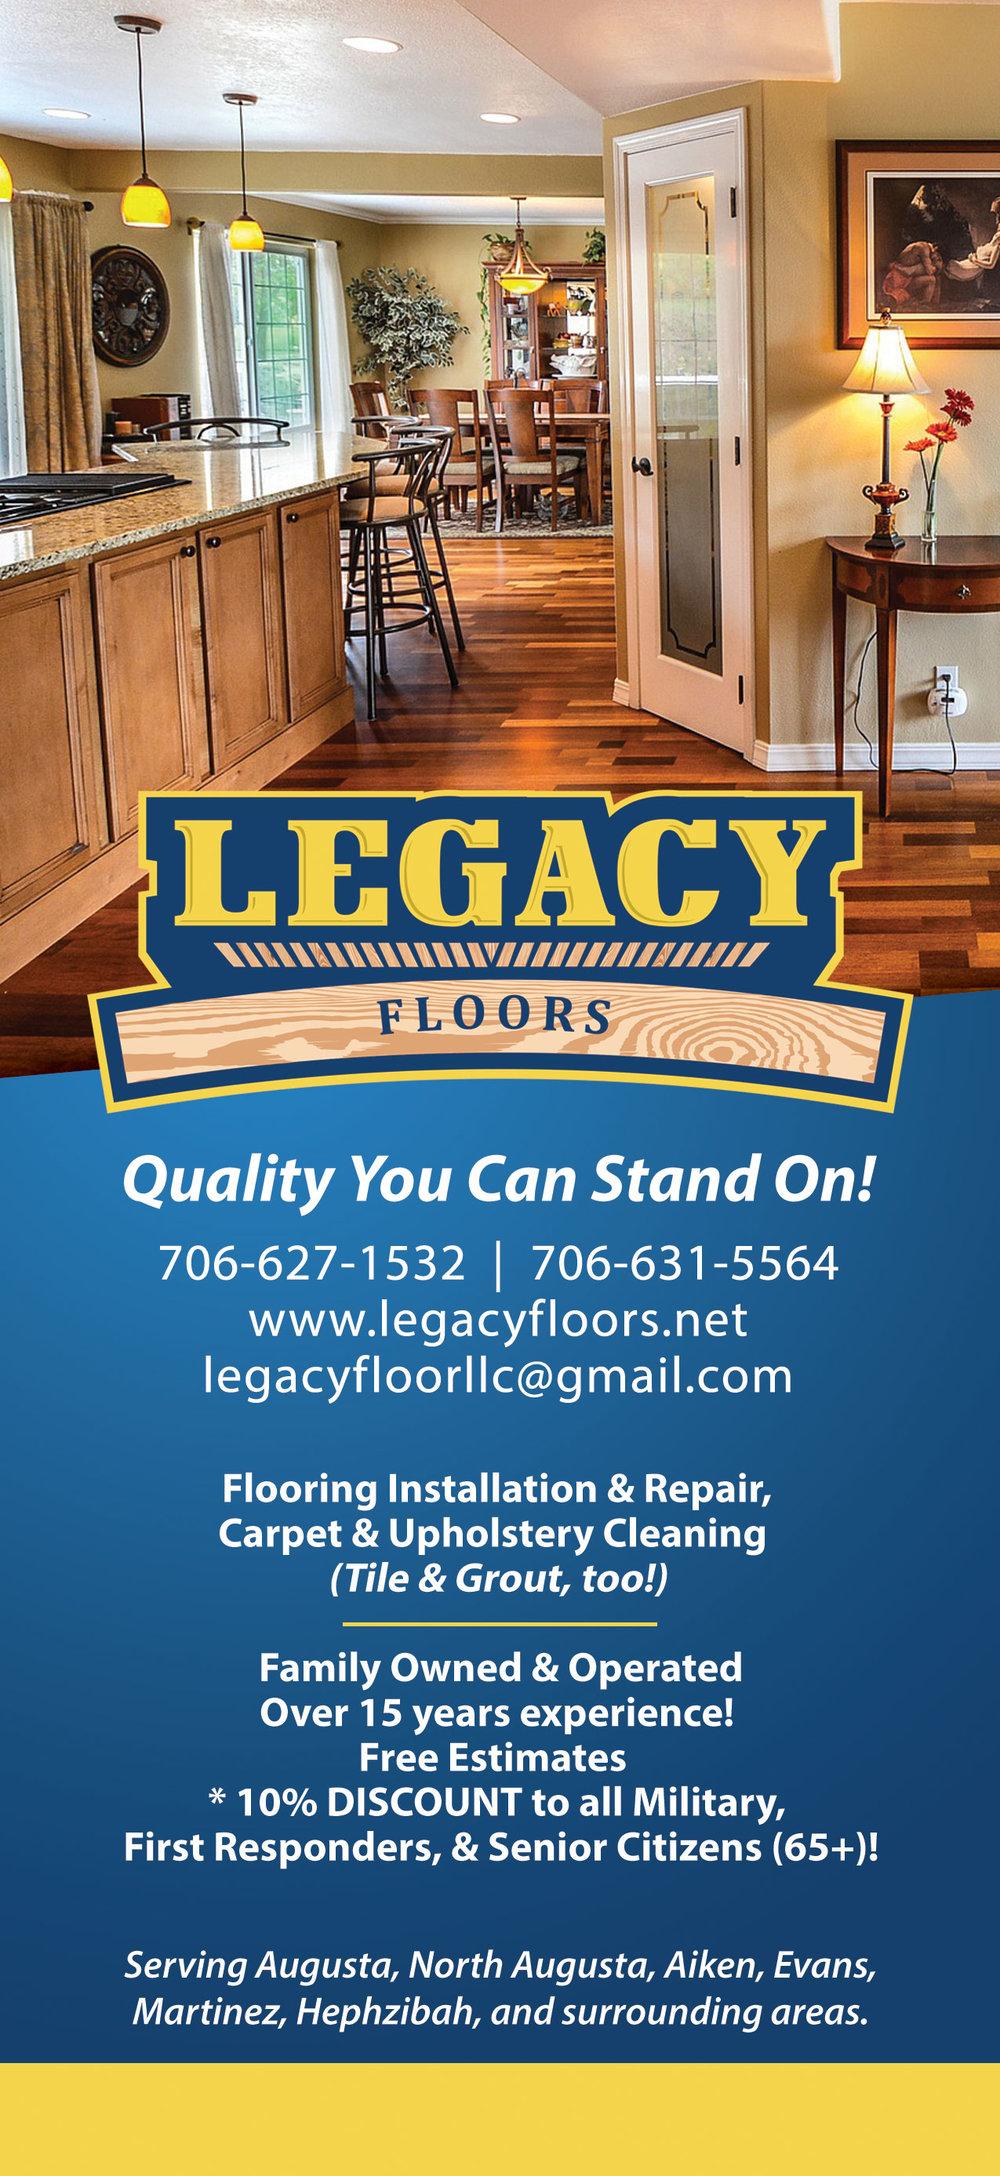 Legacy-Floors-Rack-Card-1.jpg